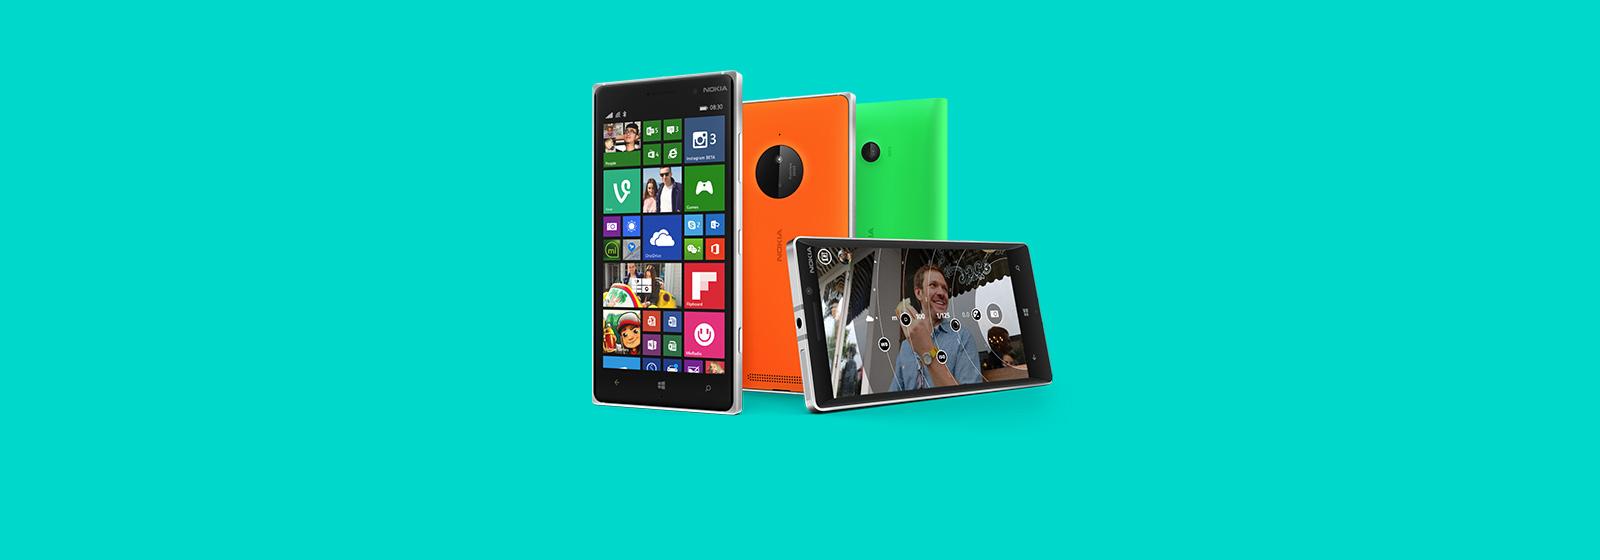 Используйте больше возможностей вашего смартфона. Узнать об устройствах Lumia.